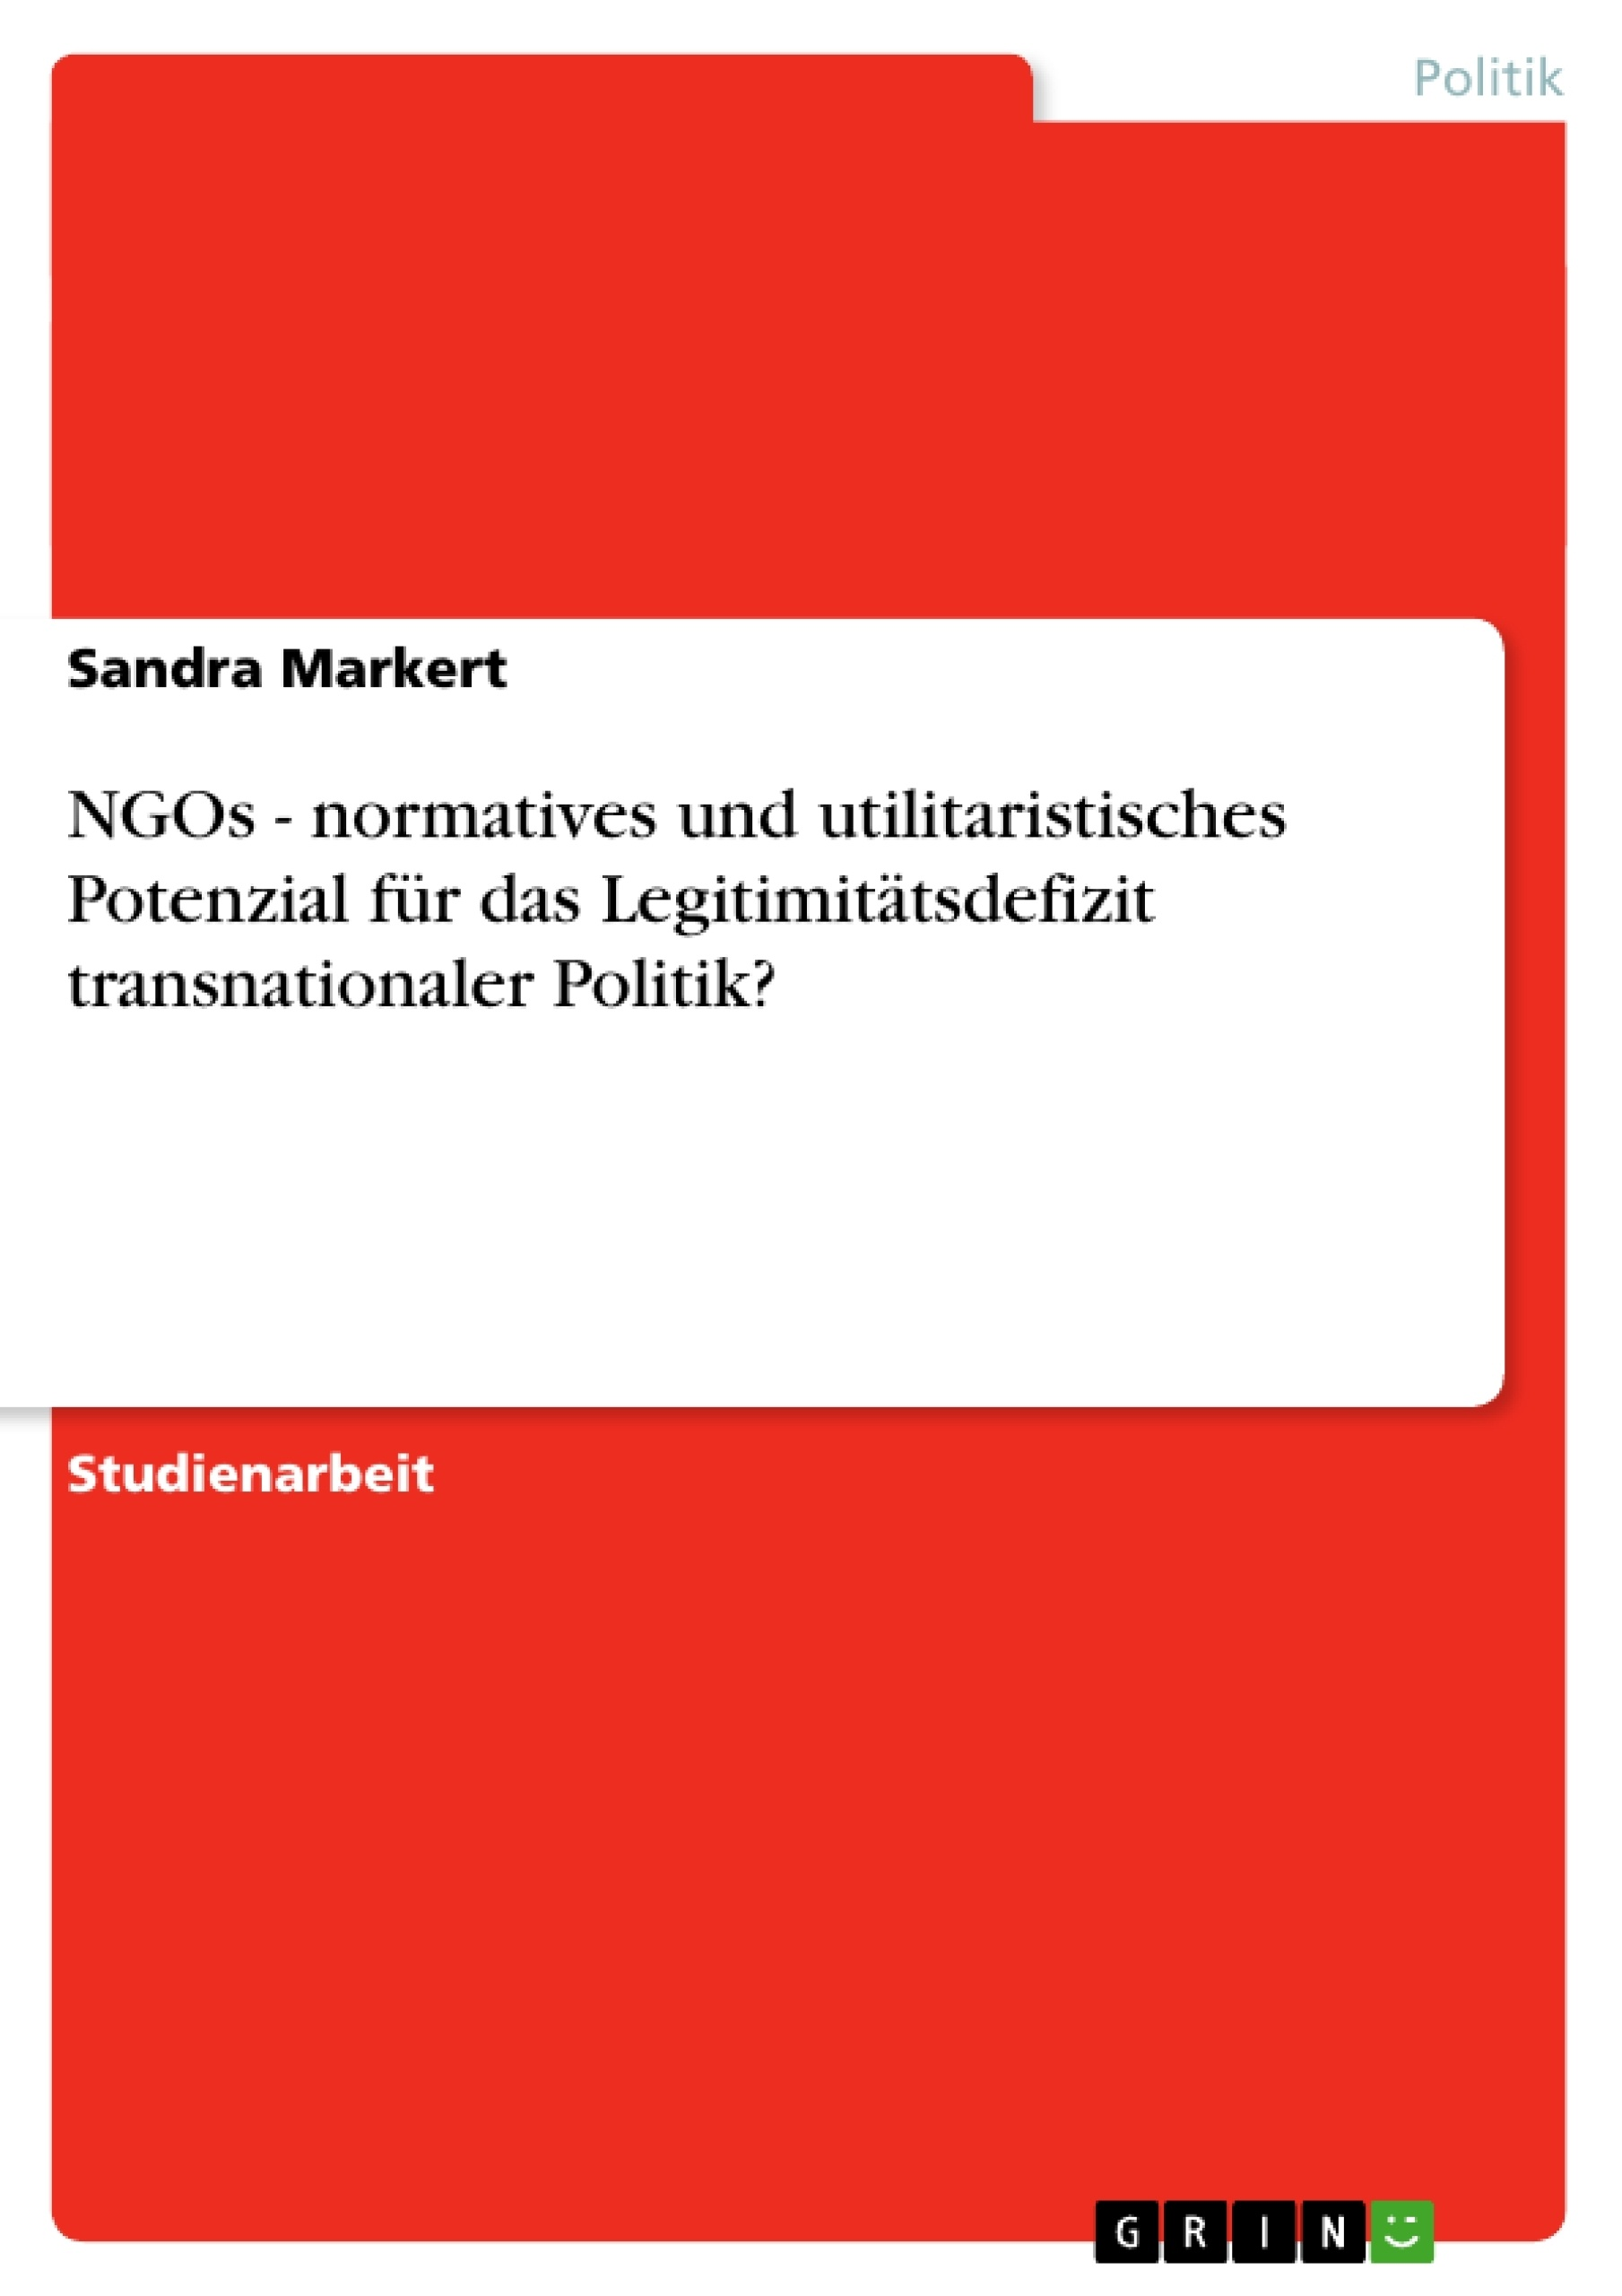 Titel: NGOs - normatives und utilitaristisches Potenzial für das Legitimitätsdefizit transnationaler Politik?